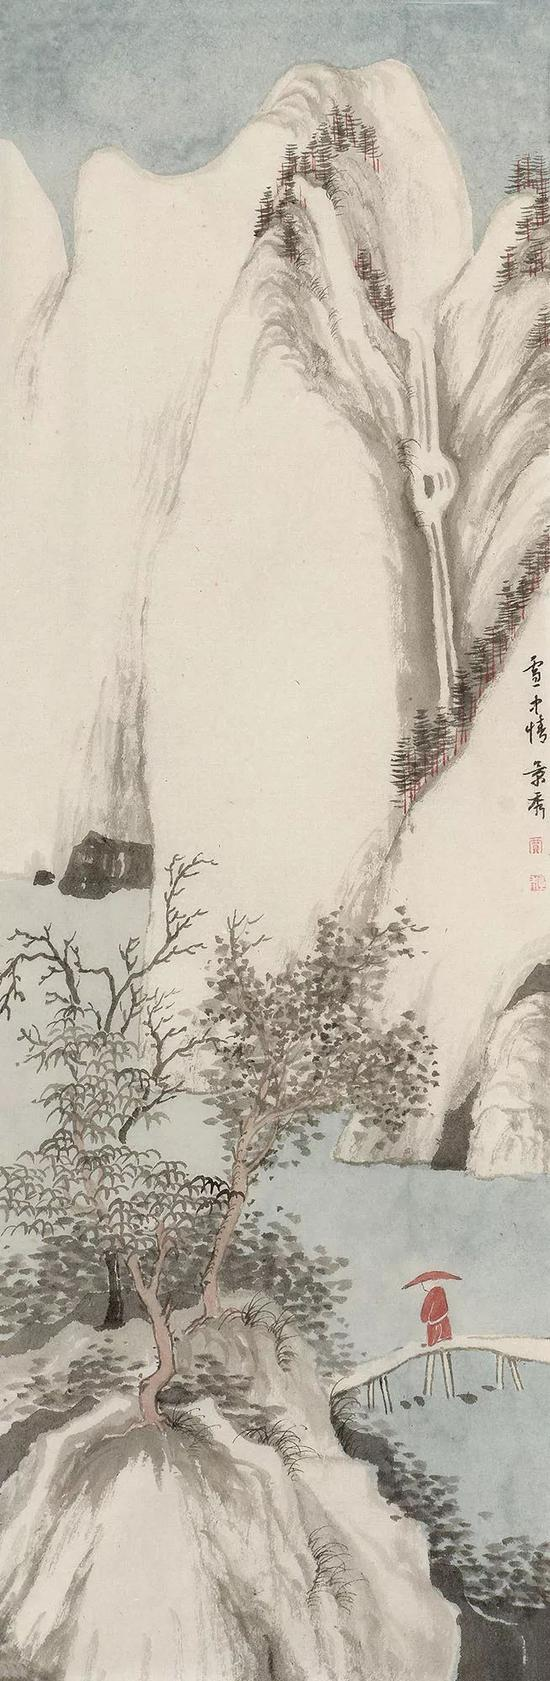 贾景秀 雪中情 68x23cm 纸本 2018